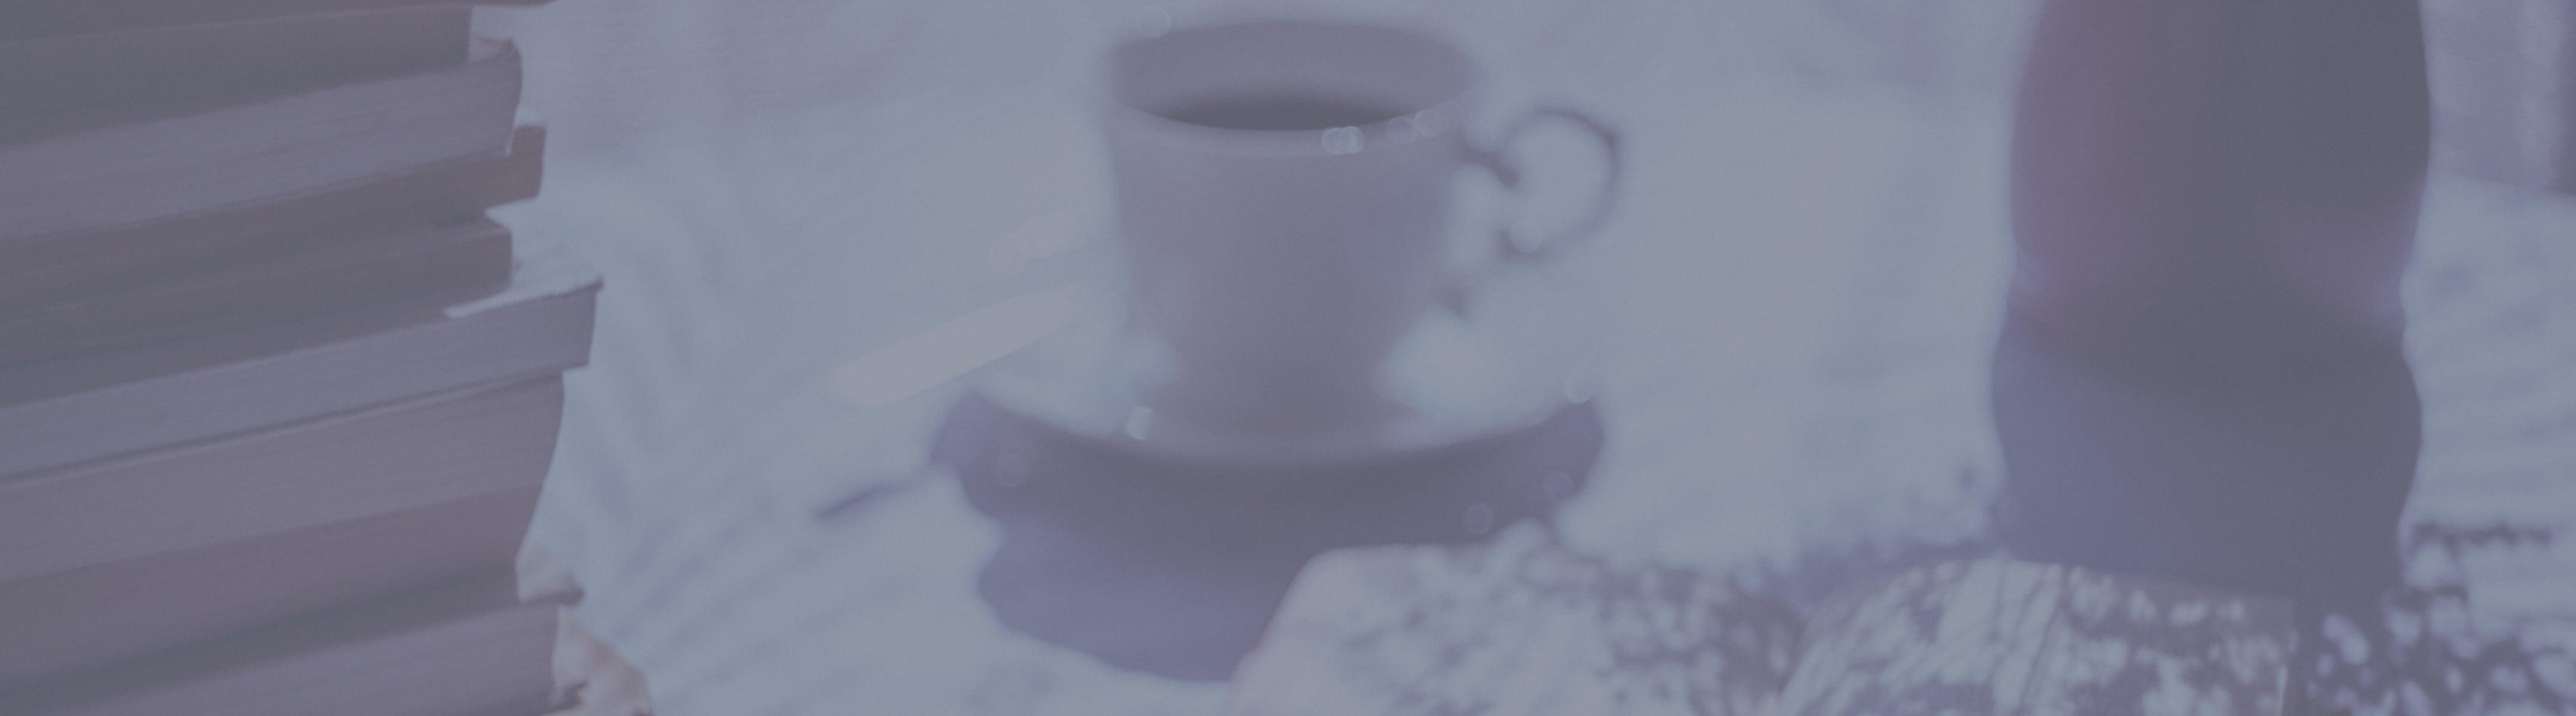 Books and coffee mug on table